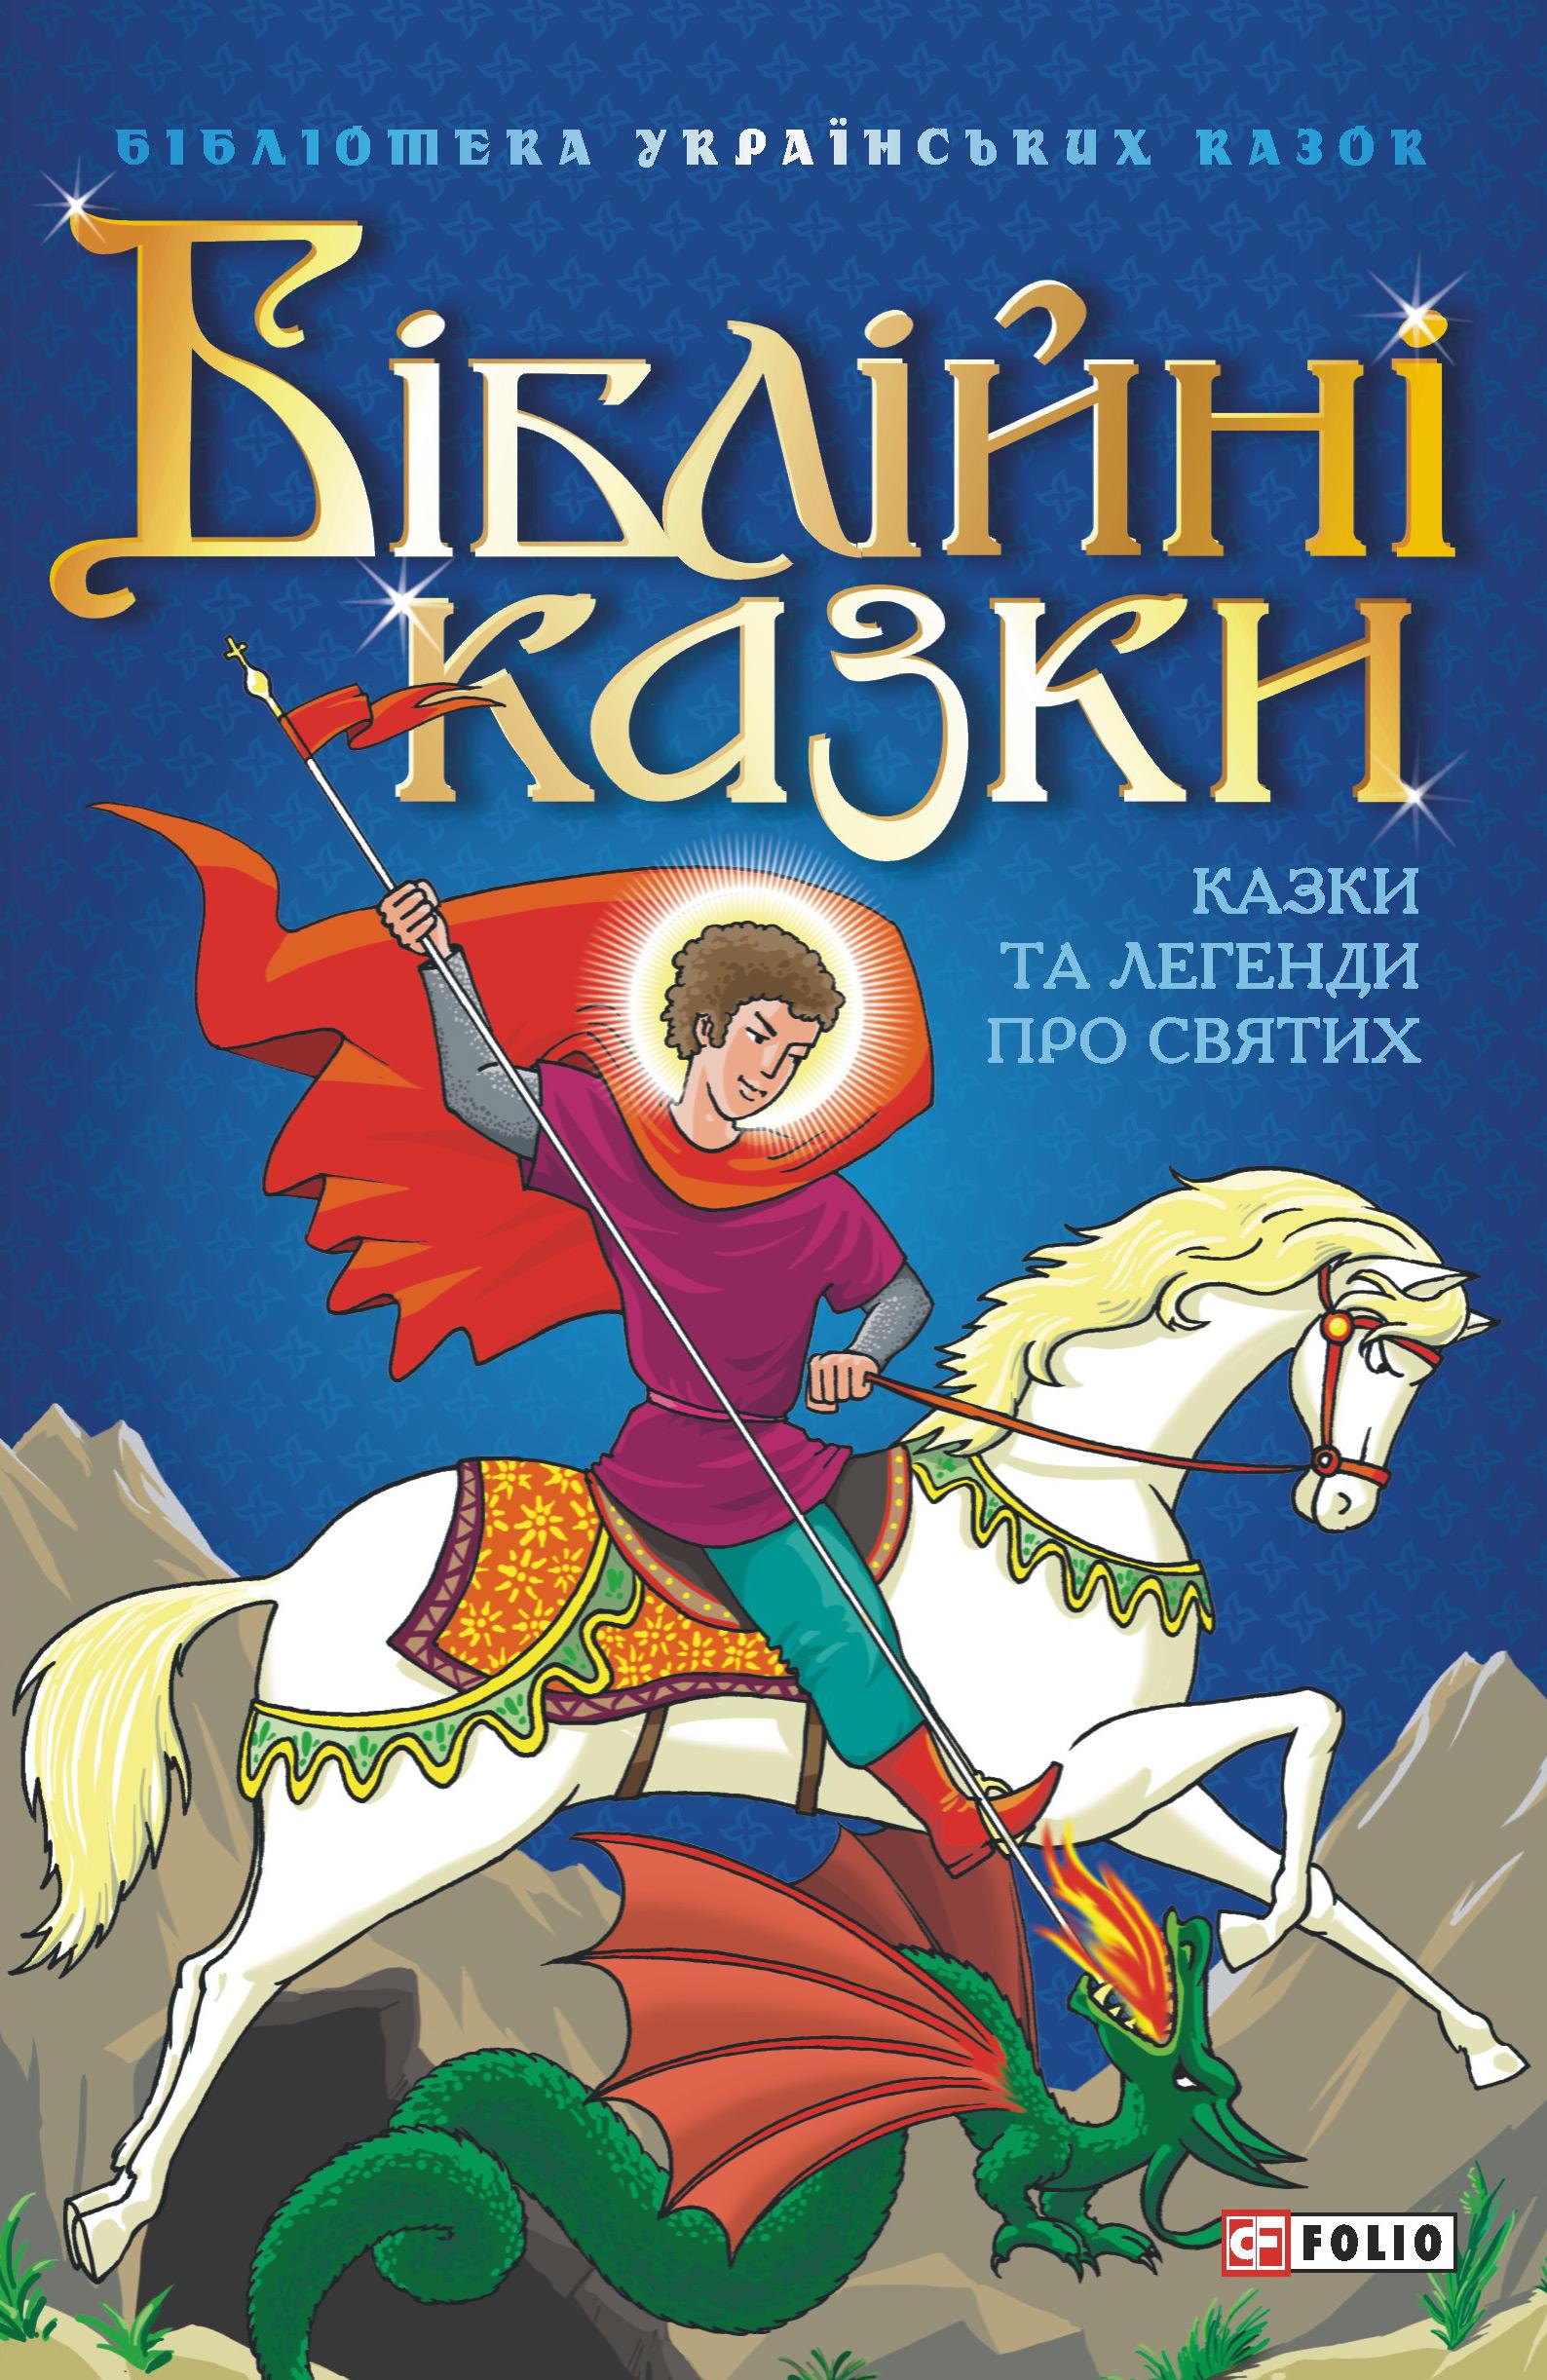 Сборник Біблійні казки: Казки та легенди про святих олексій полосін казки